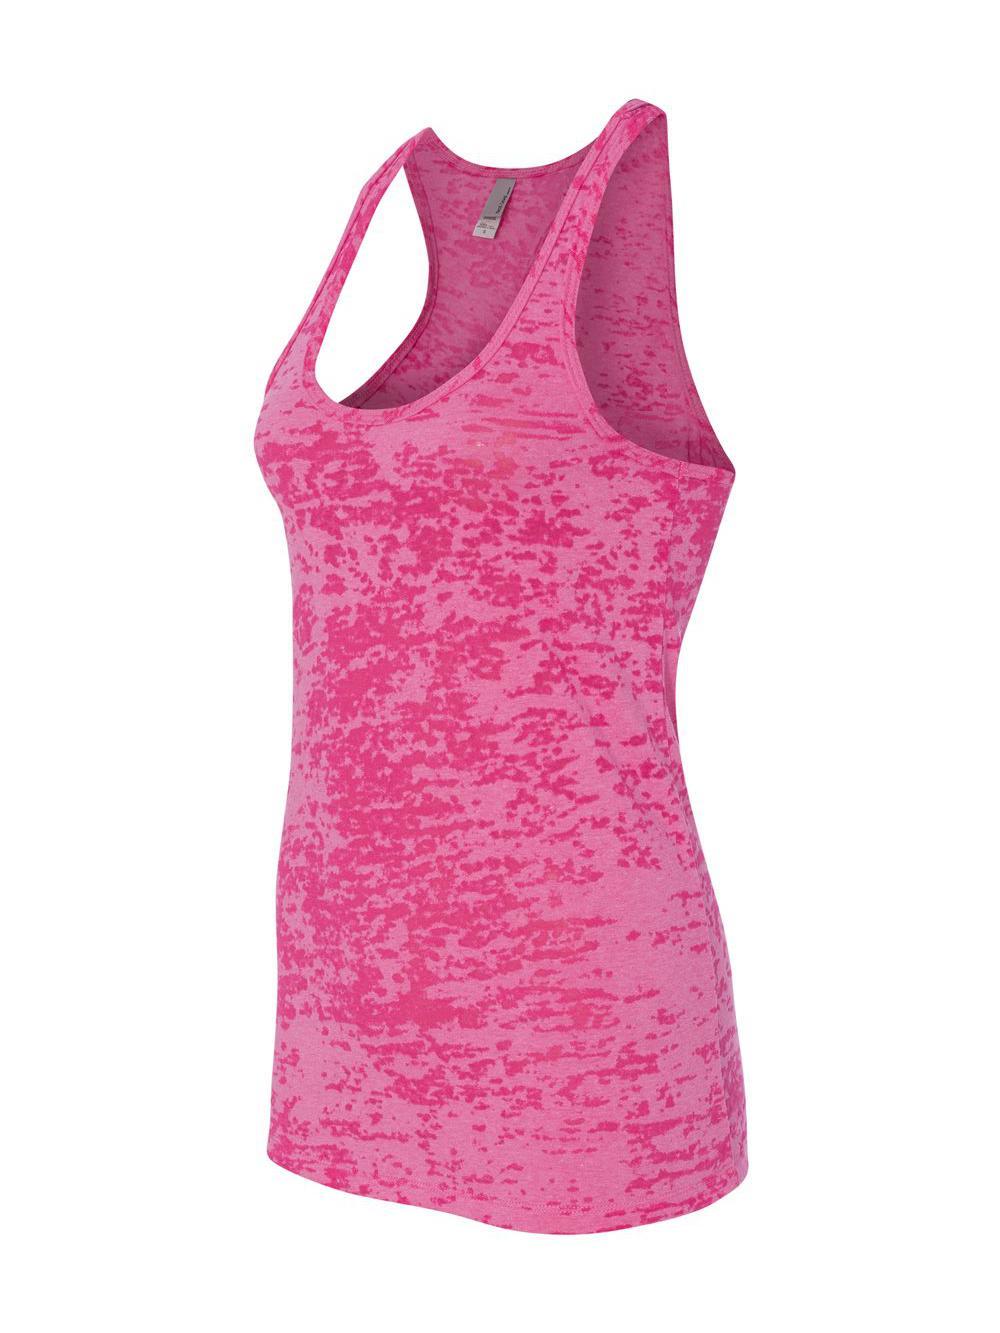 5877416ecc814 Next Level Ladies  Burnout Razor Tank Top N6533 Shocking Pink Medium ...